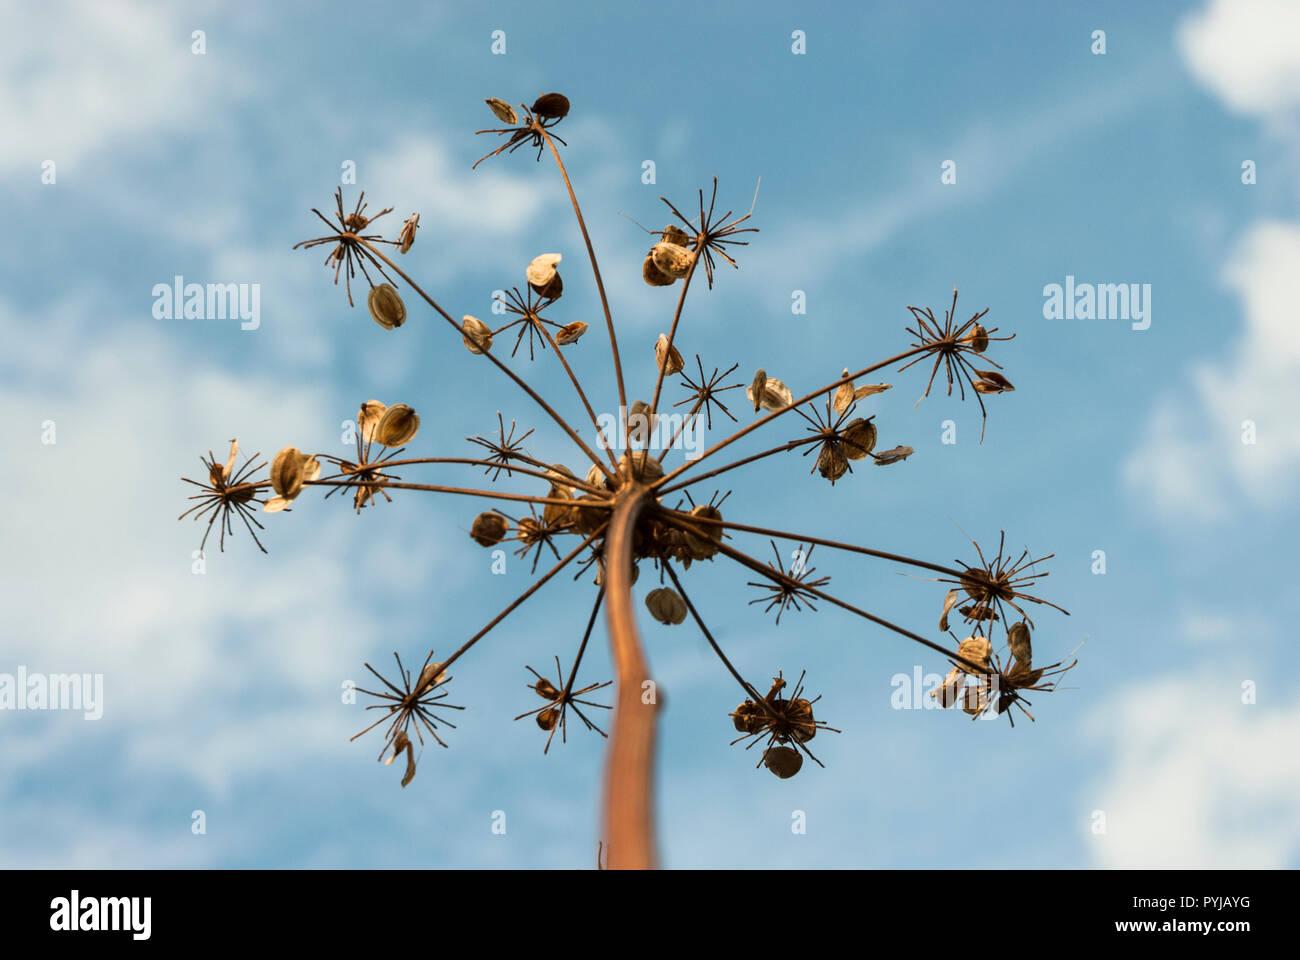 La alcachofa semillas adjunta a los tallos de las flores de la alcachofa seca (como paraguas radios) contra un cielo azul con nubes esponjosas. Imagen De Stock